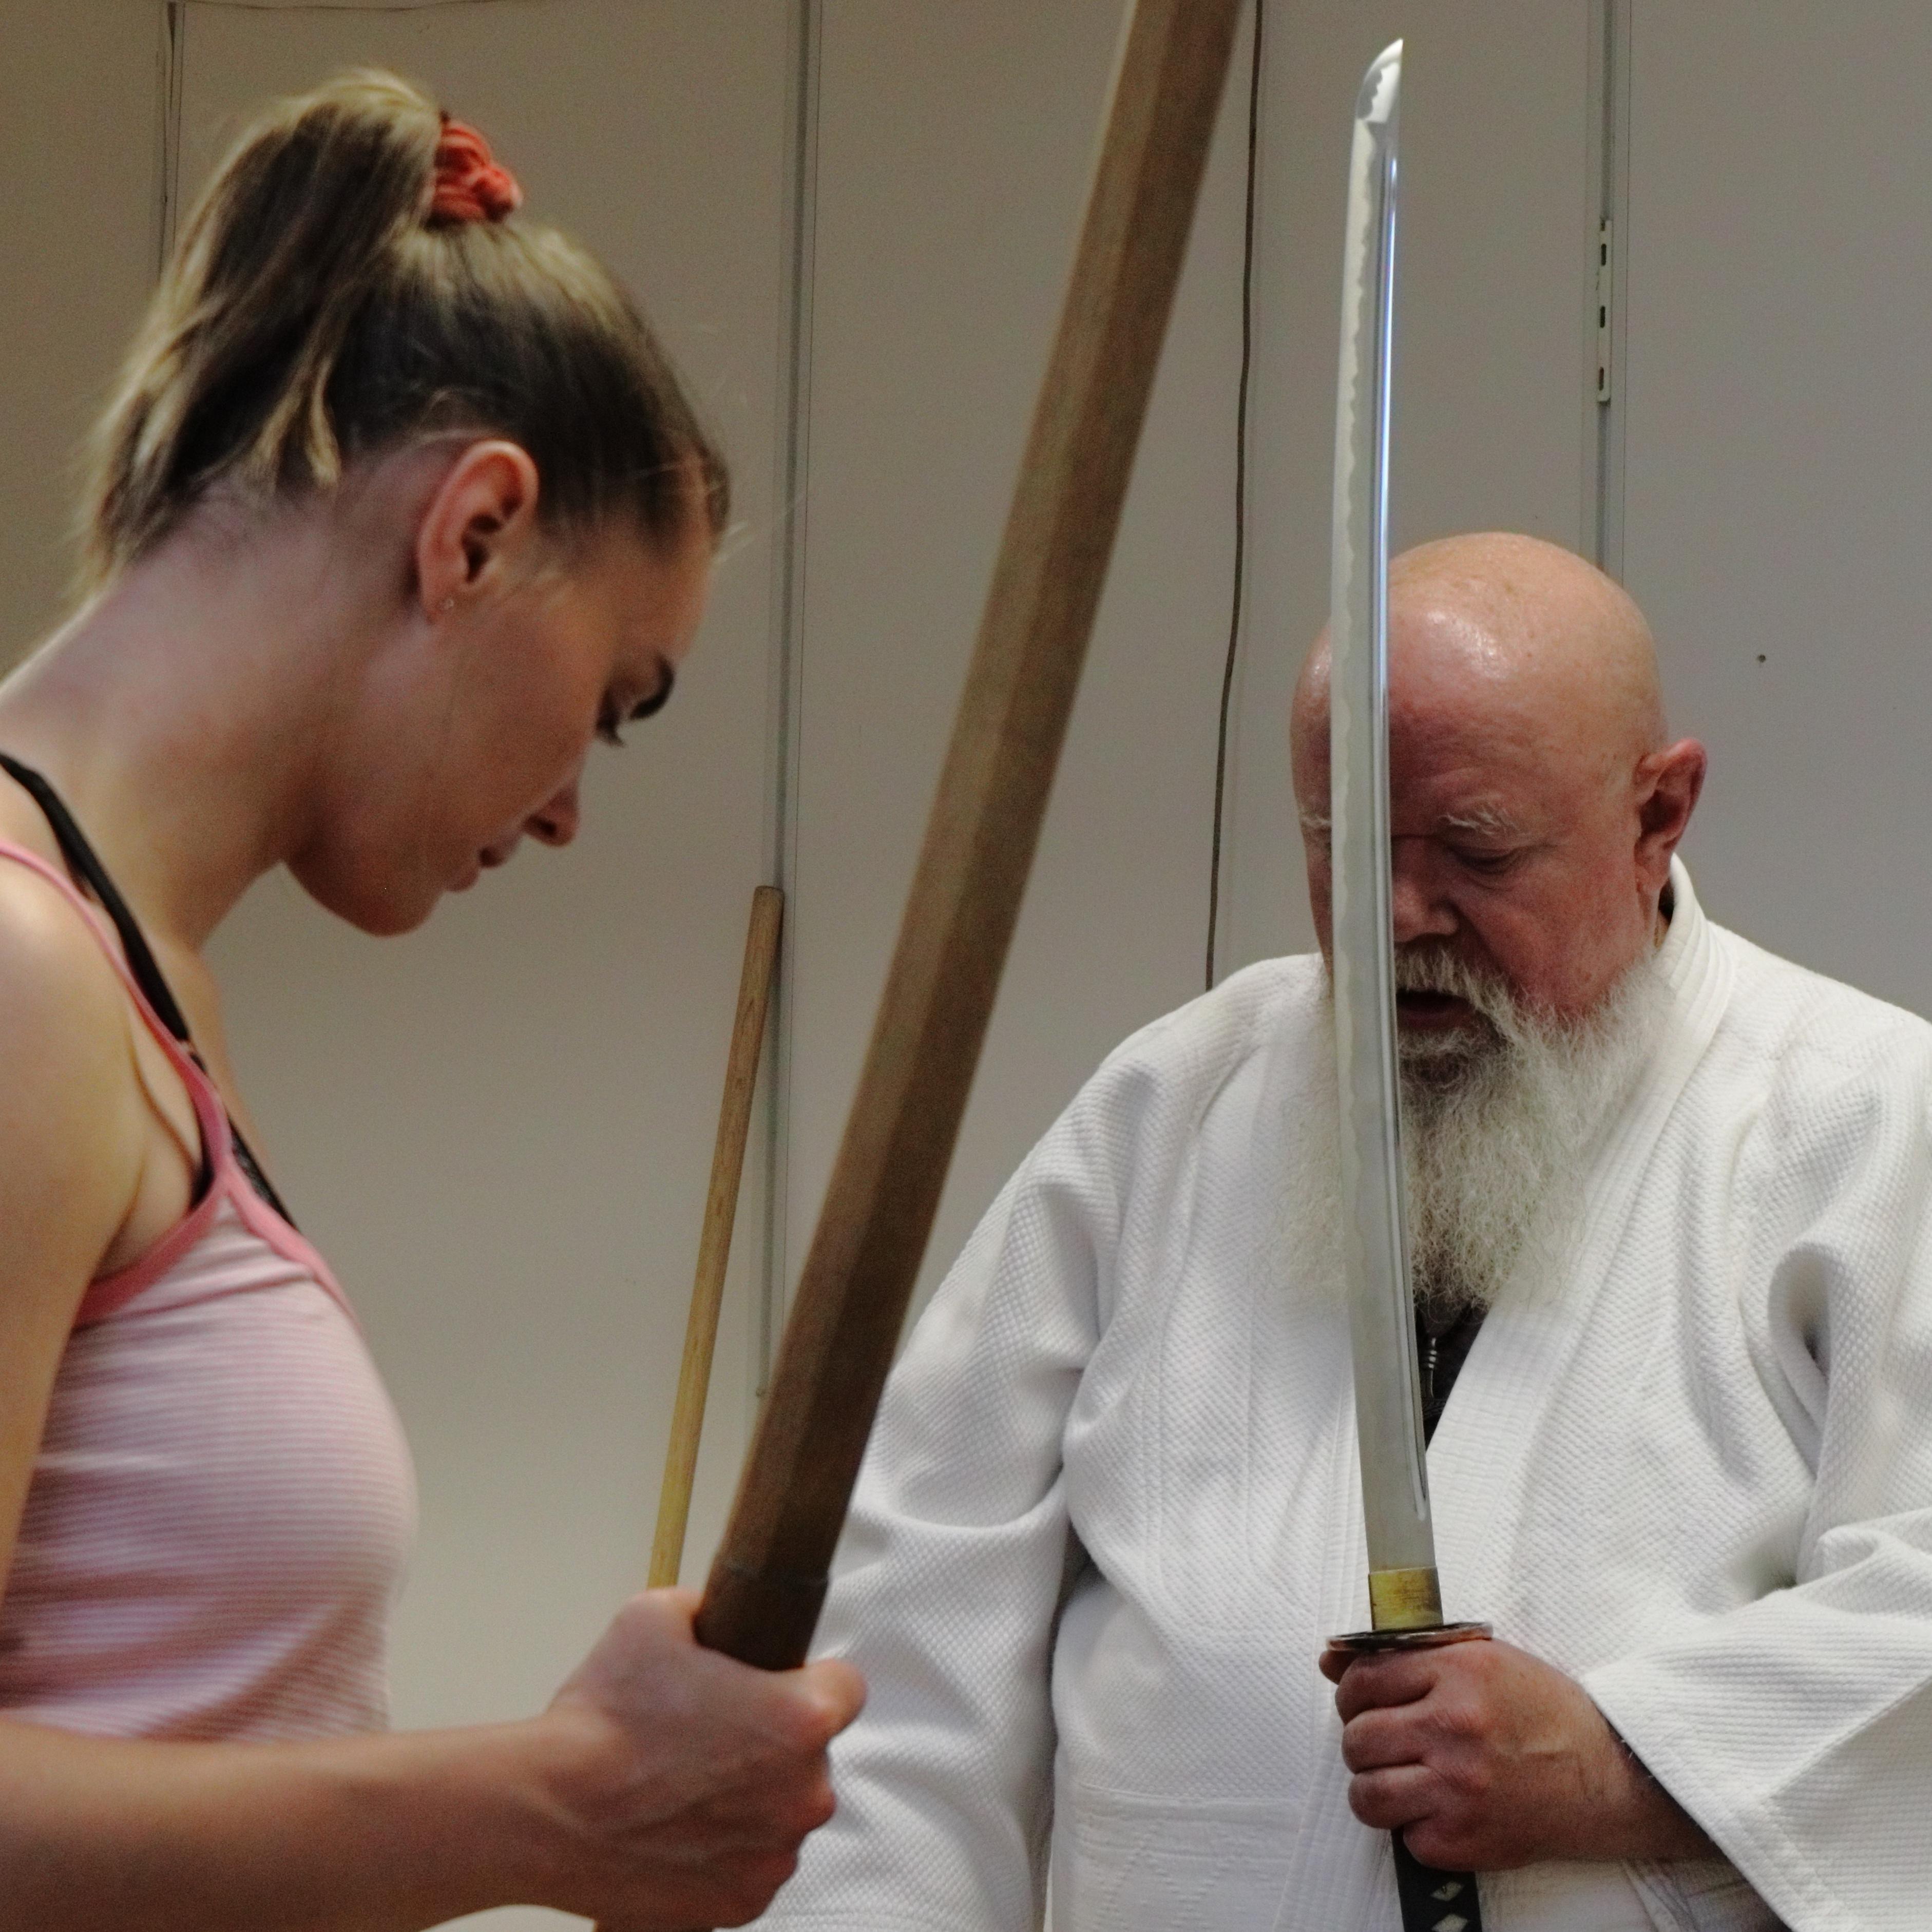 Sword Practicing